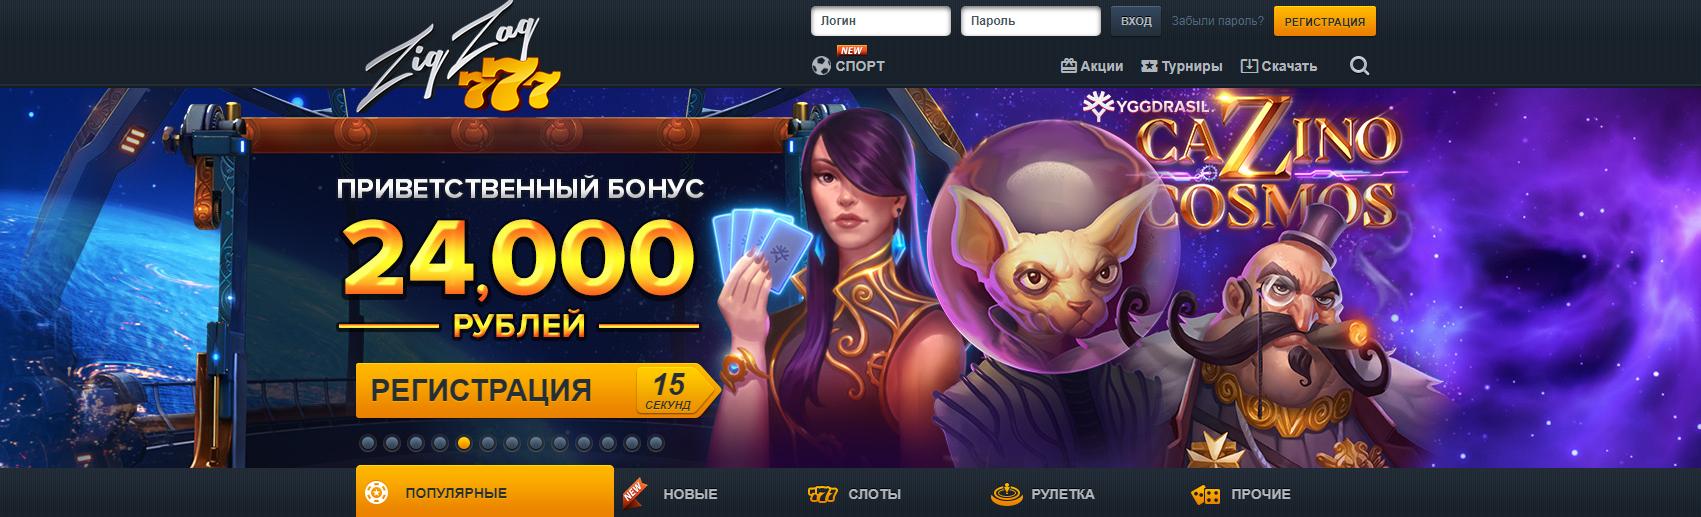 официальный сайт зигзаг 777 казино бонус